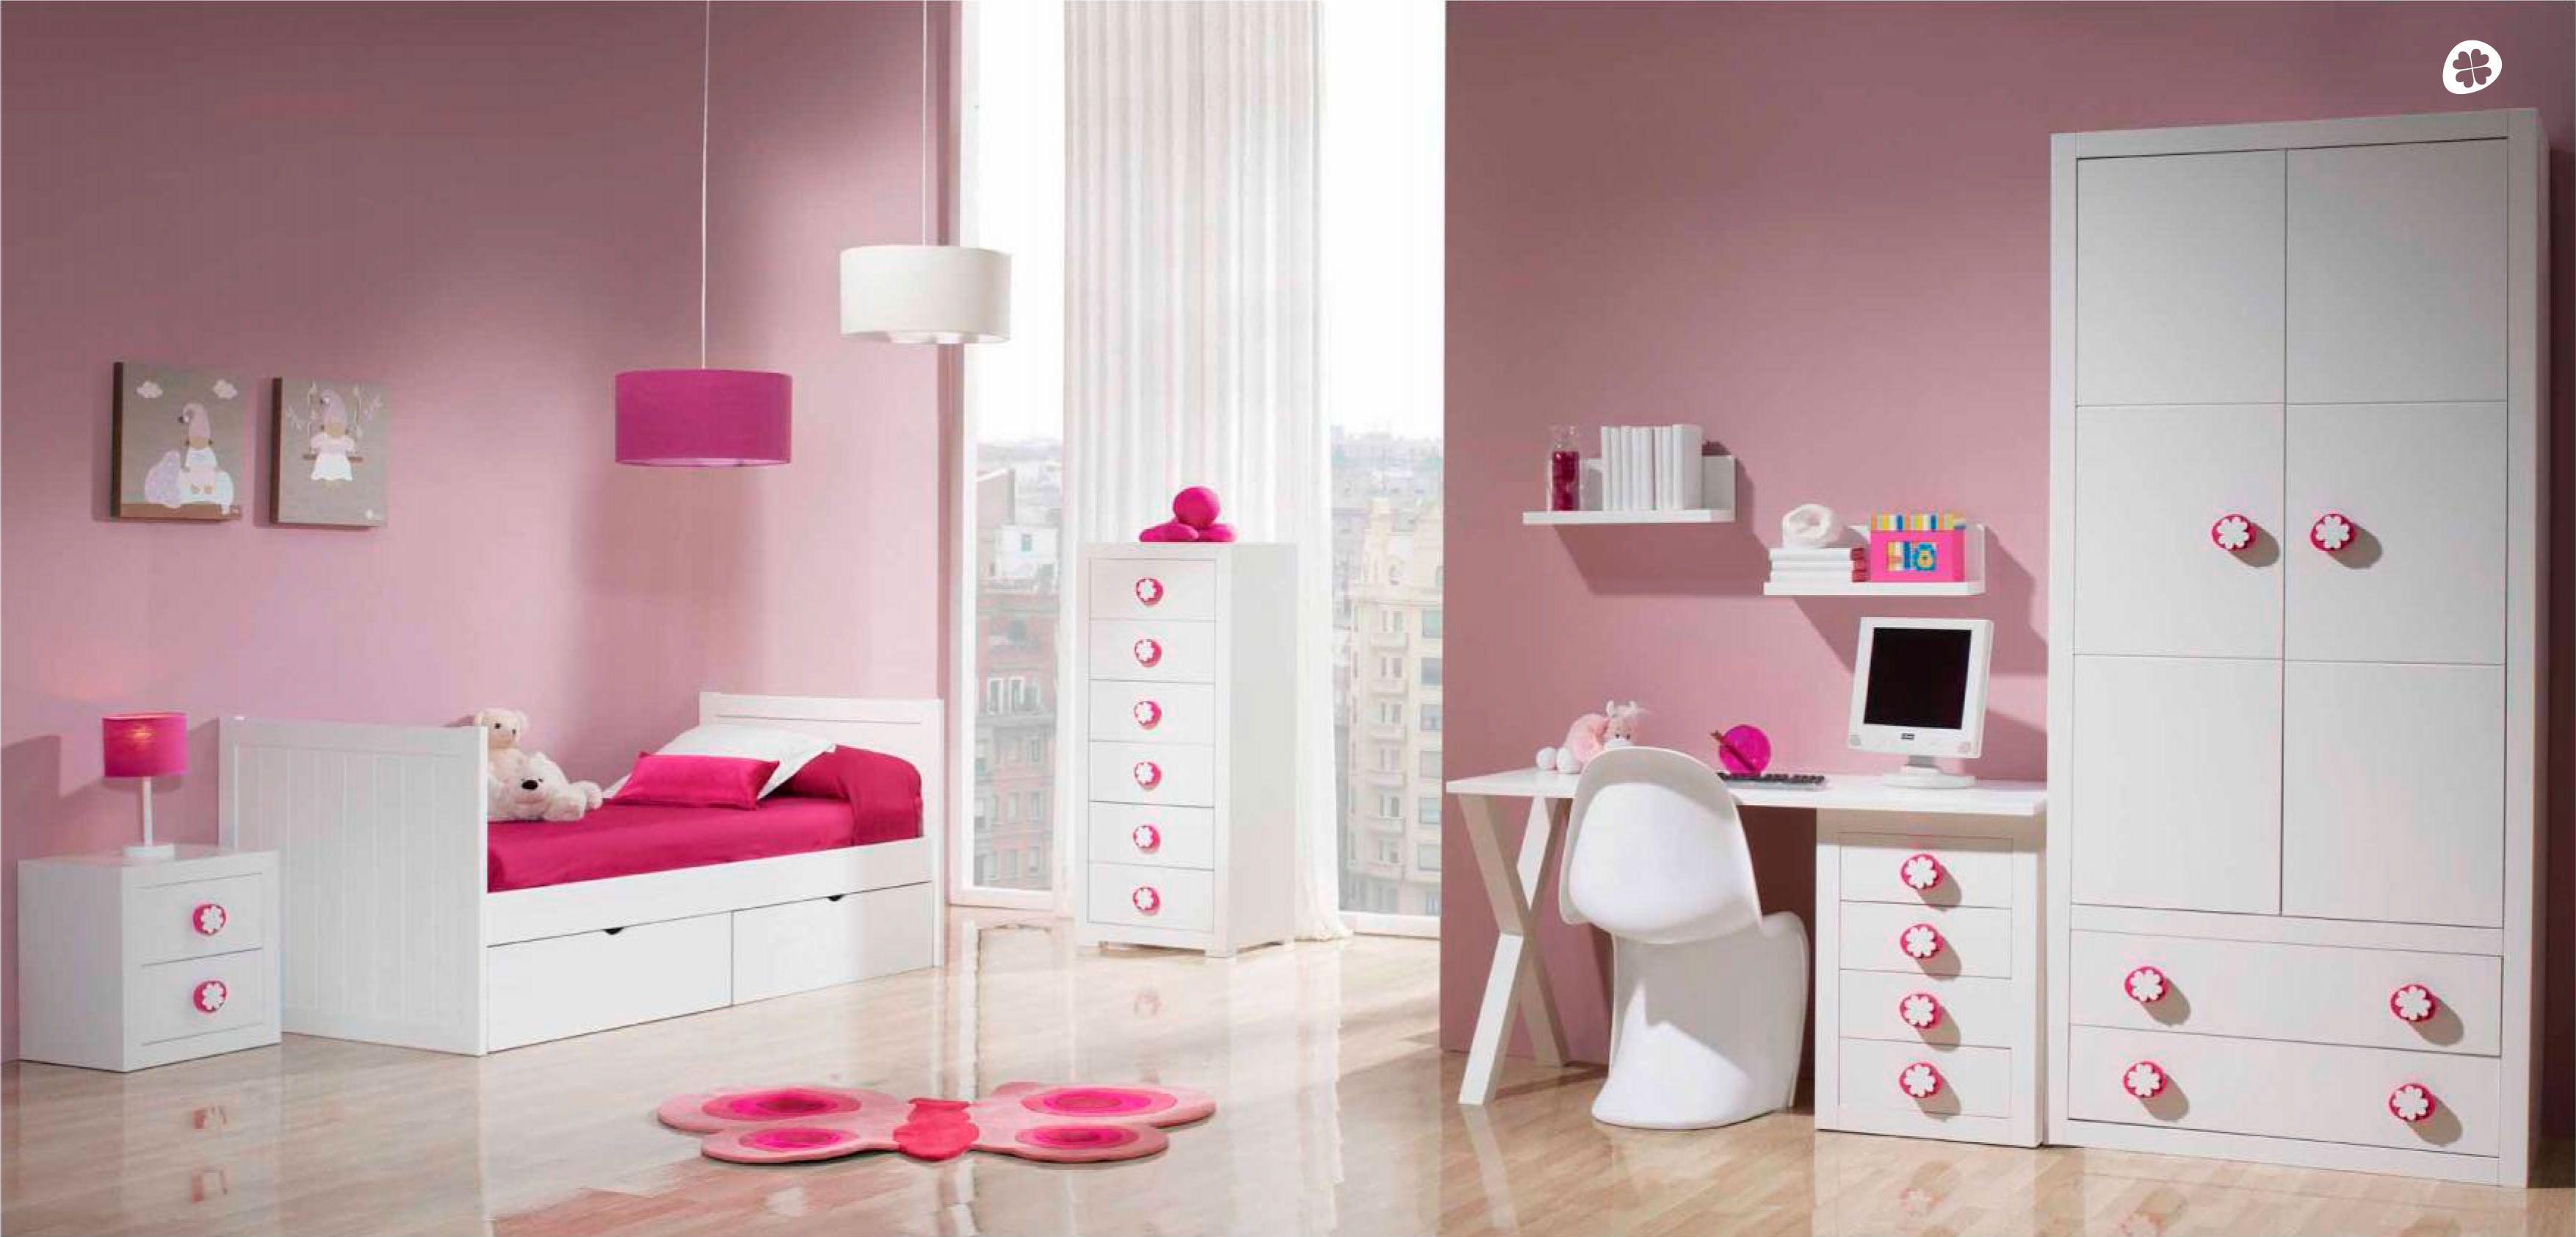 Dormitorio para ni as en blanco de tr bol dormitorios for Dormitorio nina blanco